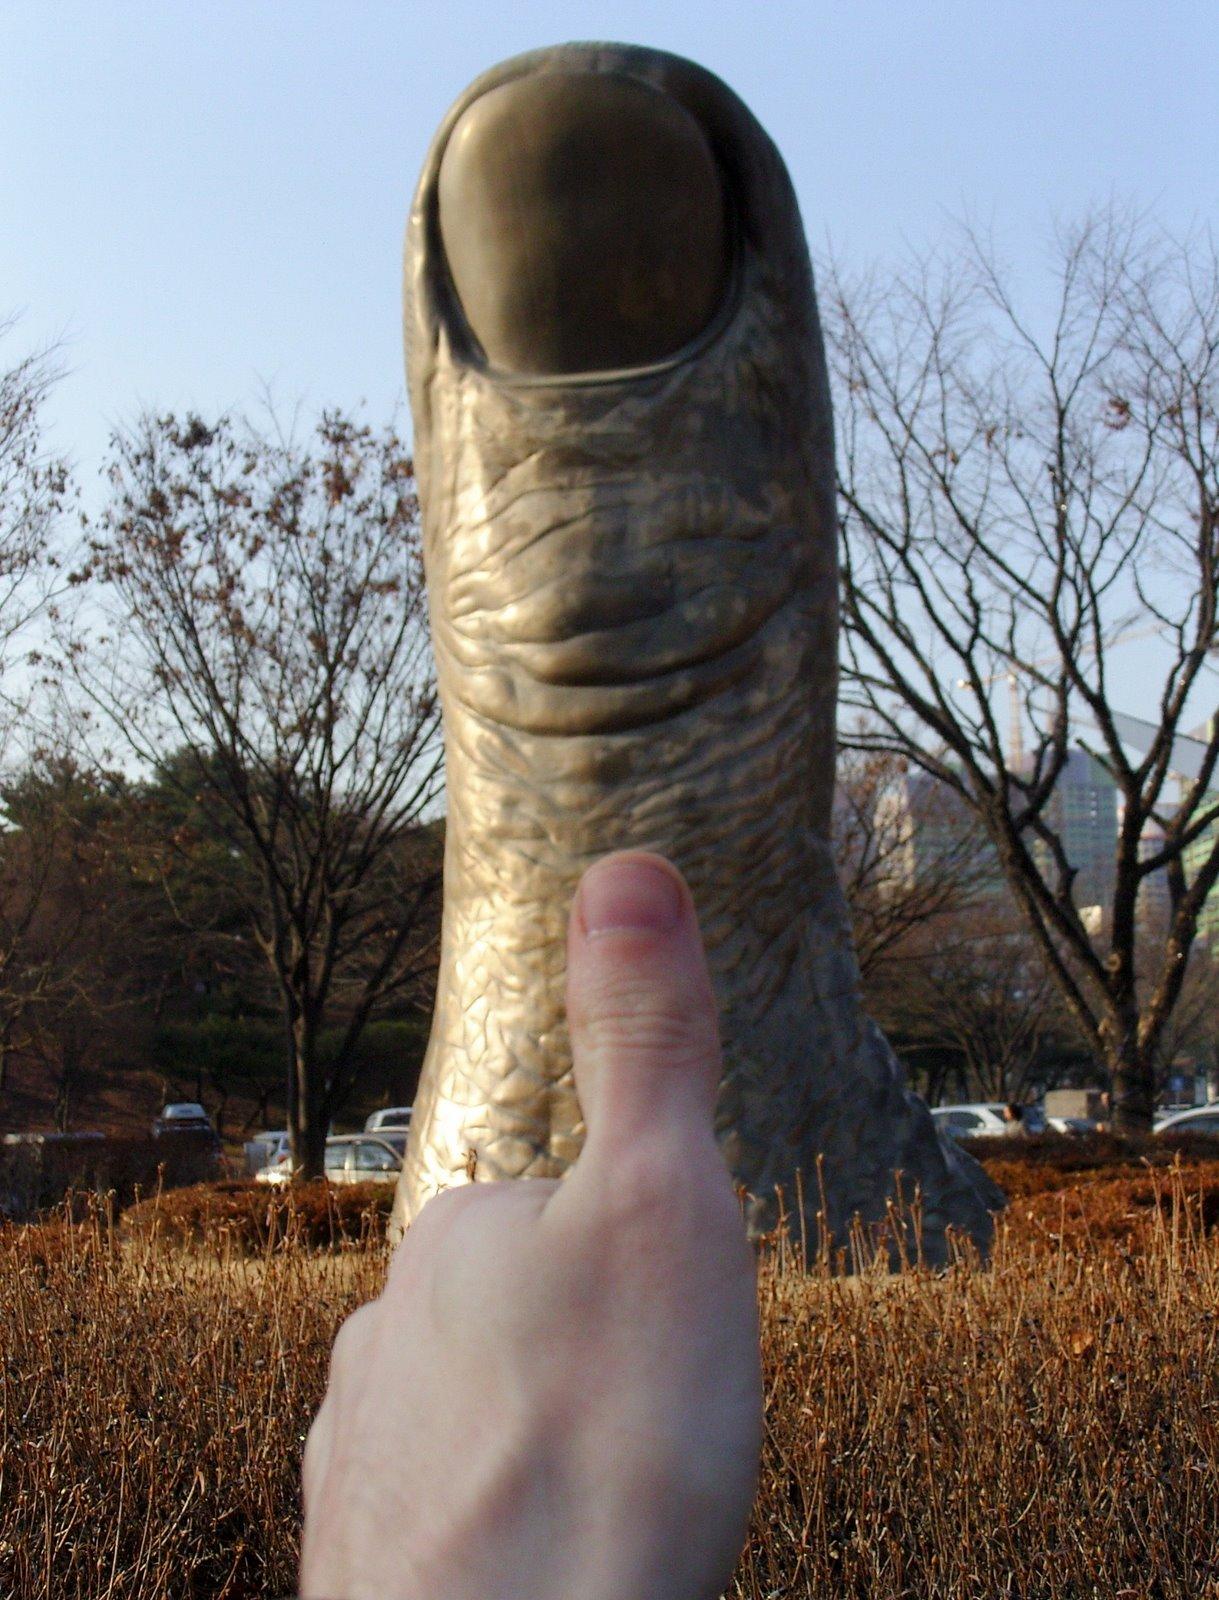 [thumb]